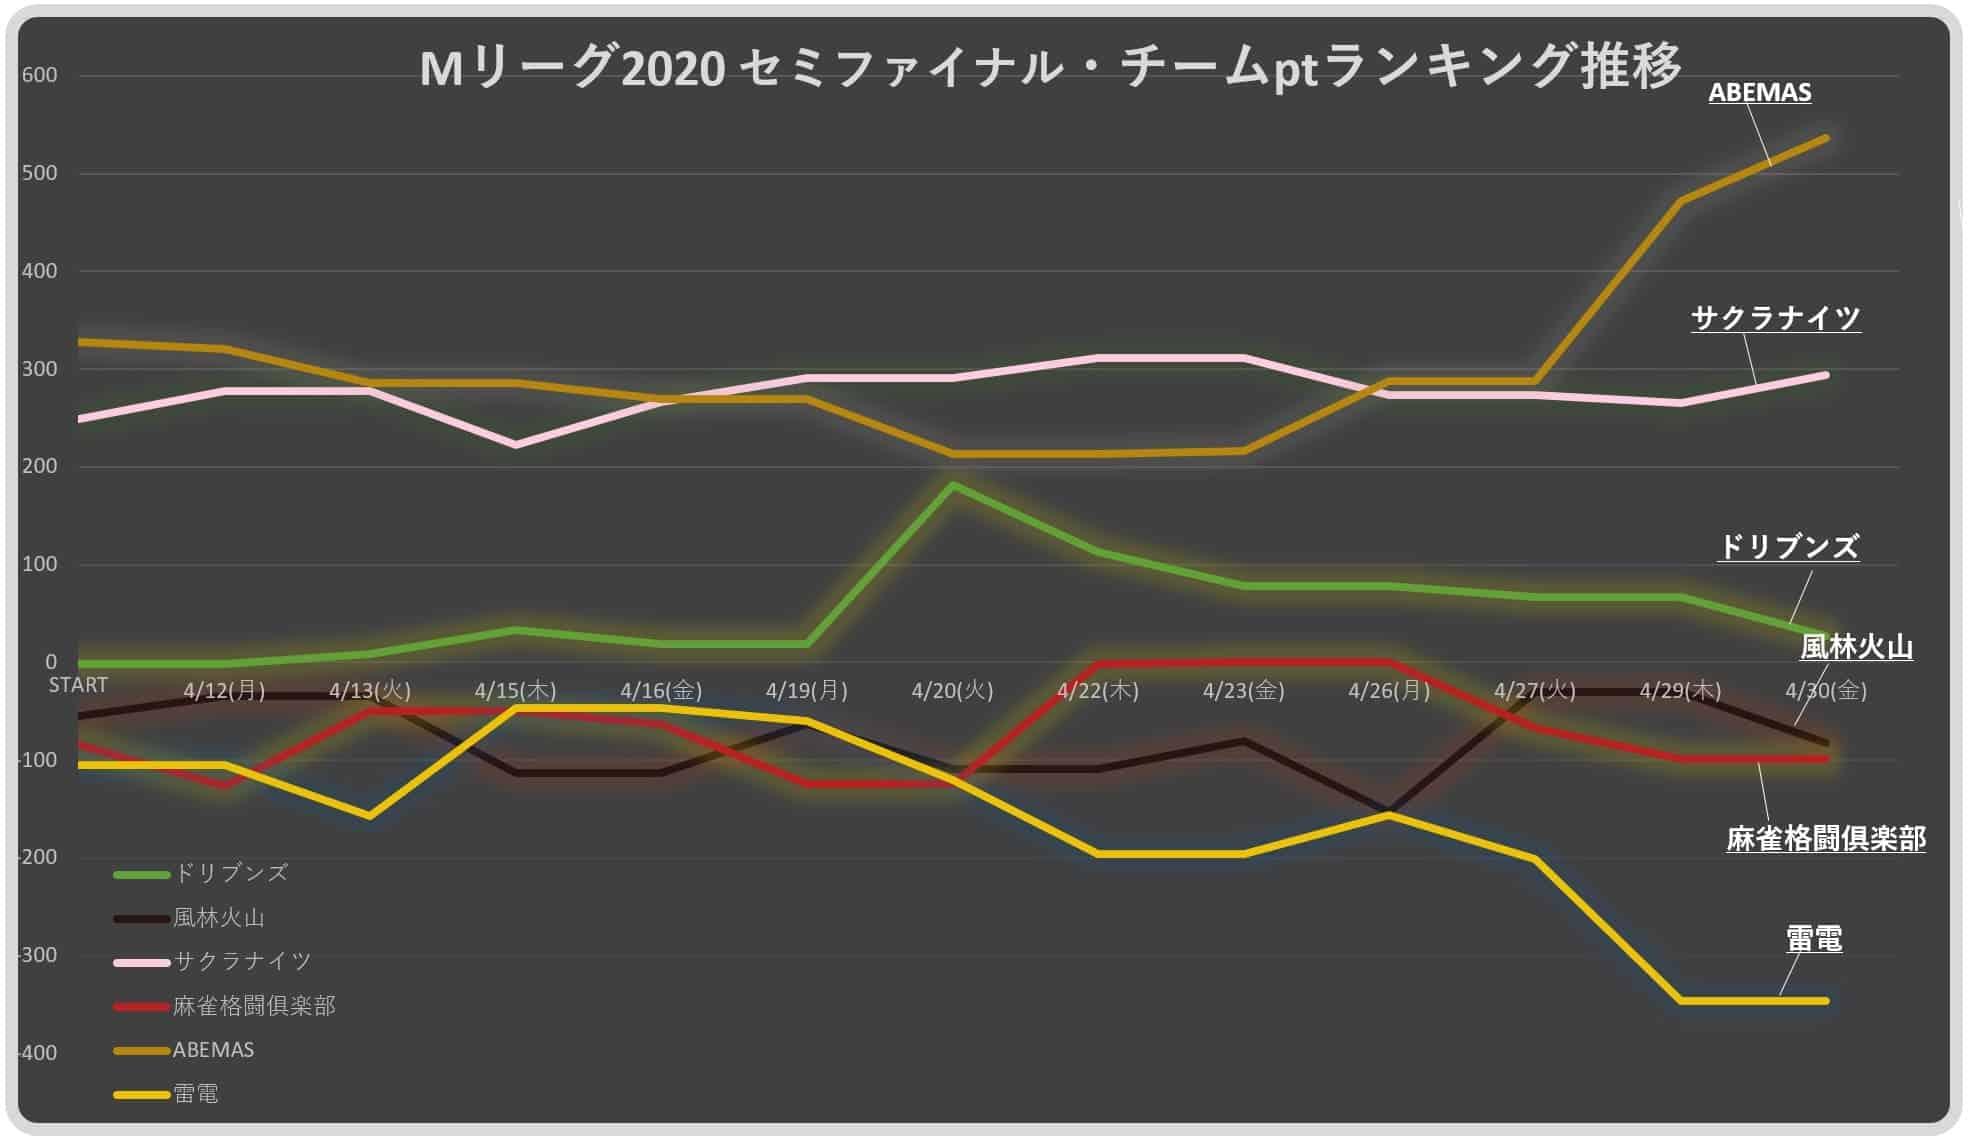 Mリーグ2020セミ_チームランキング(遷移)20210430